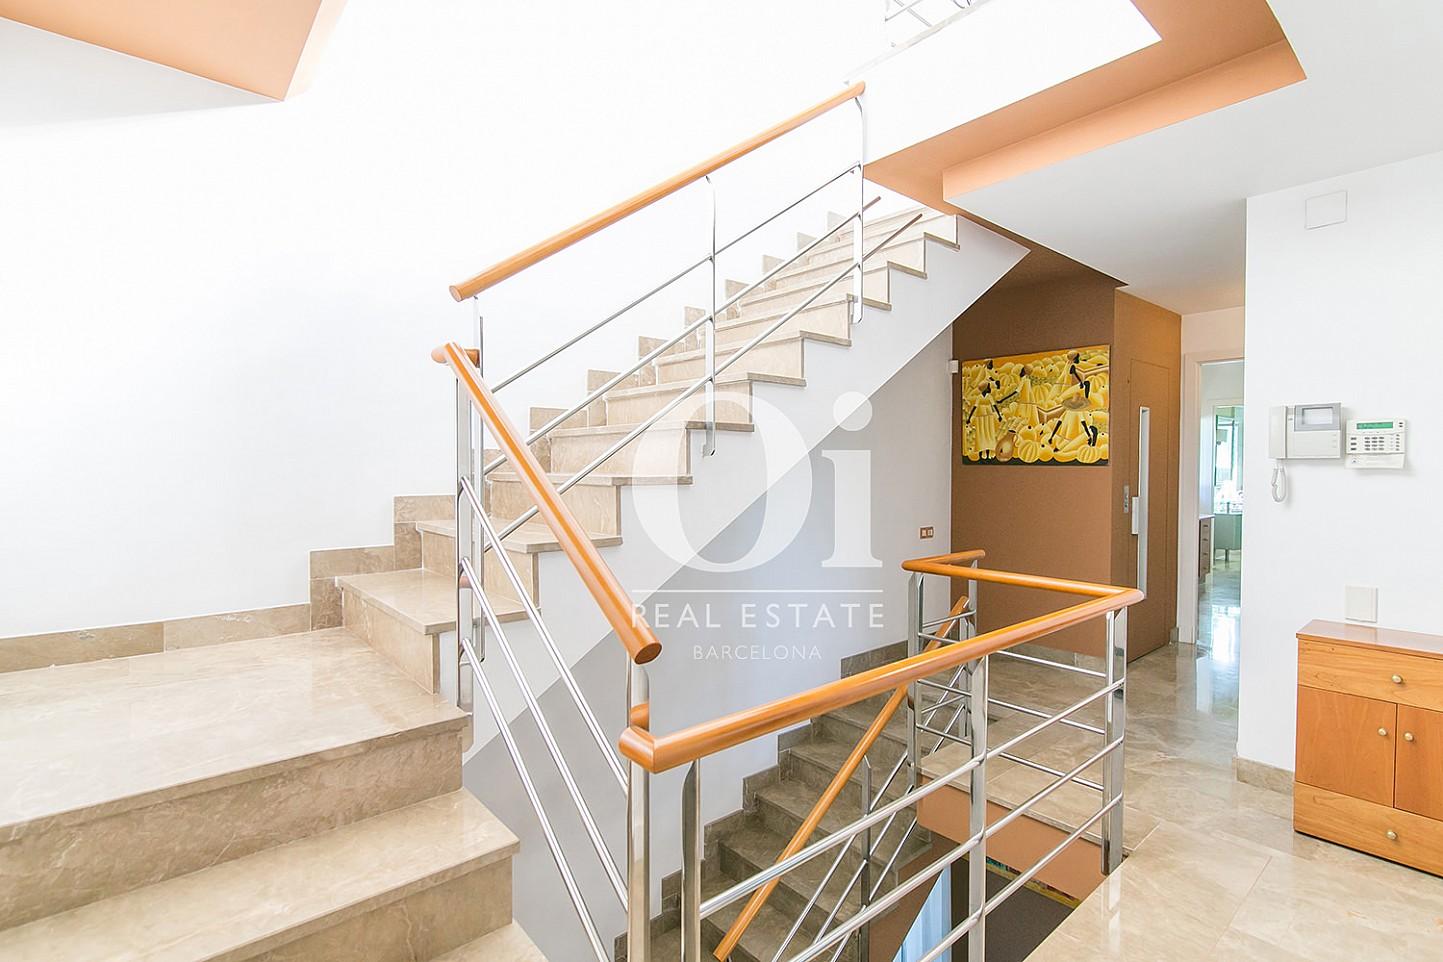 Escalier de la maison en vente à Castelldefels, Barcelone